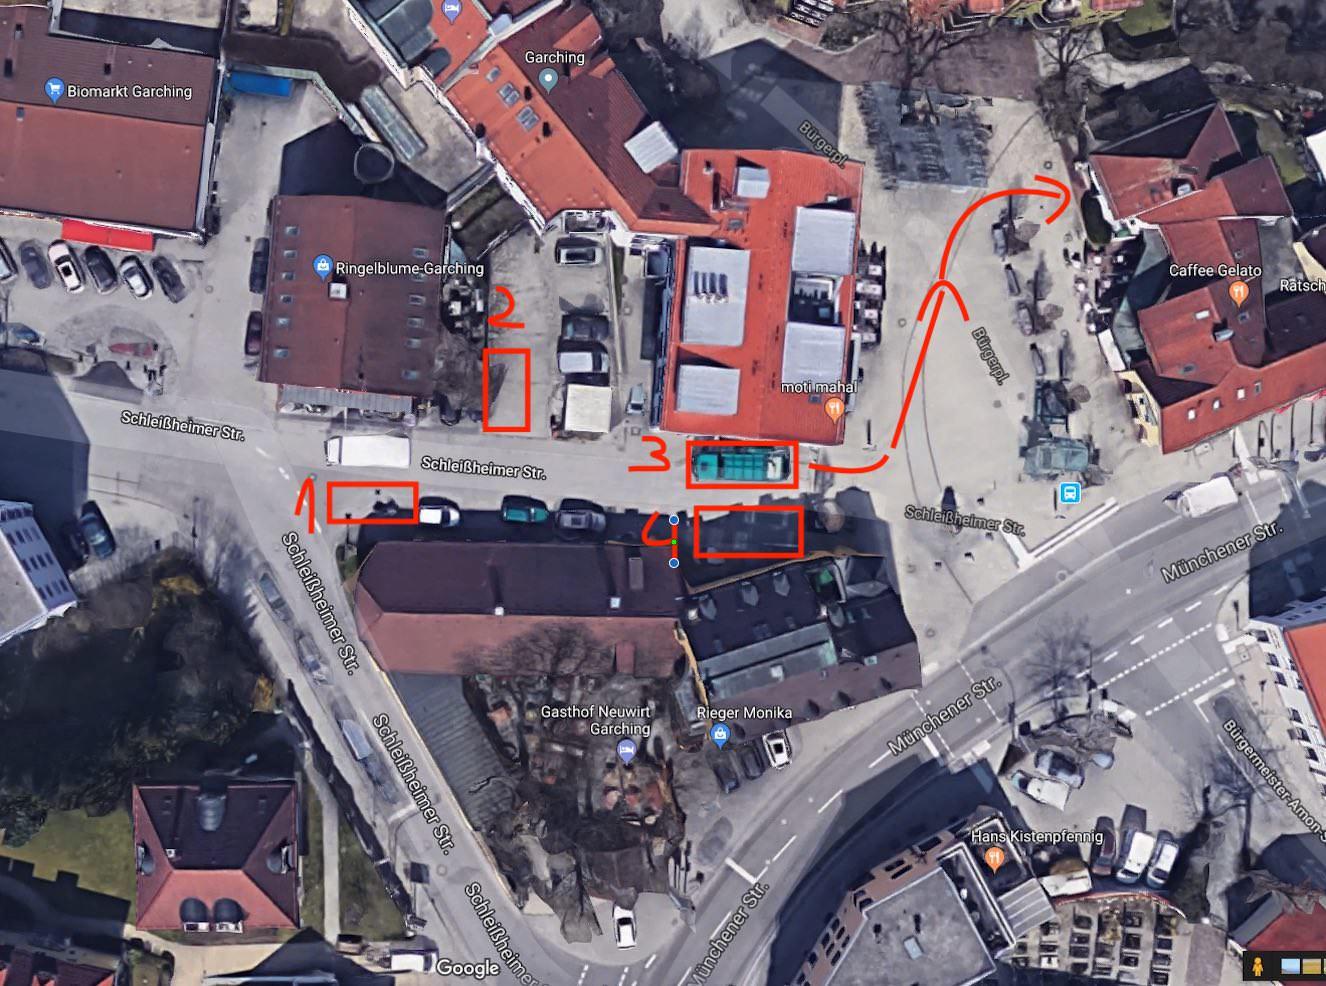 Anfahrt Laster Münchenerstr 4 A 85748 Garching Lasterstellplatz google earth s